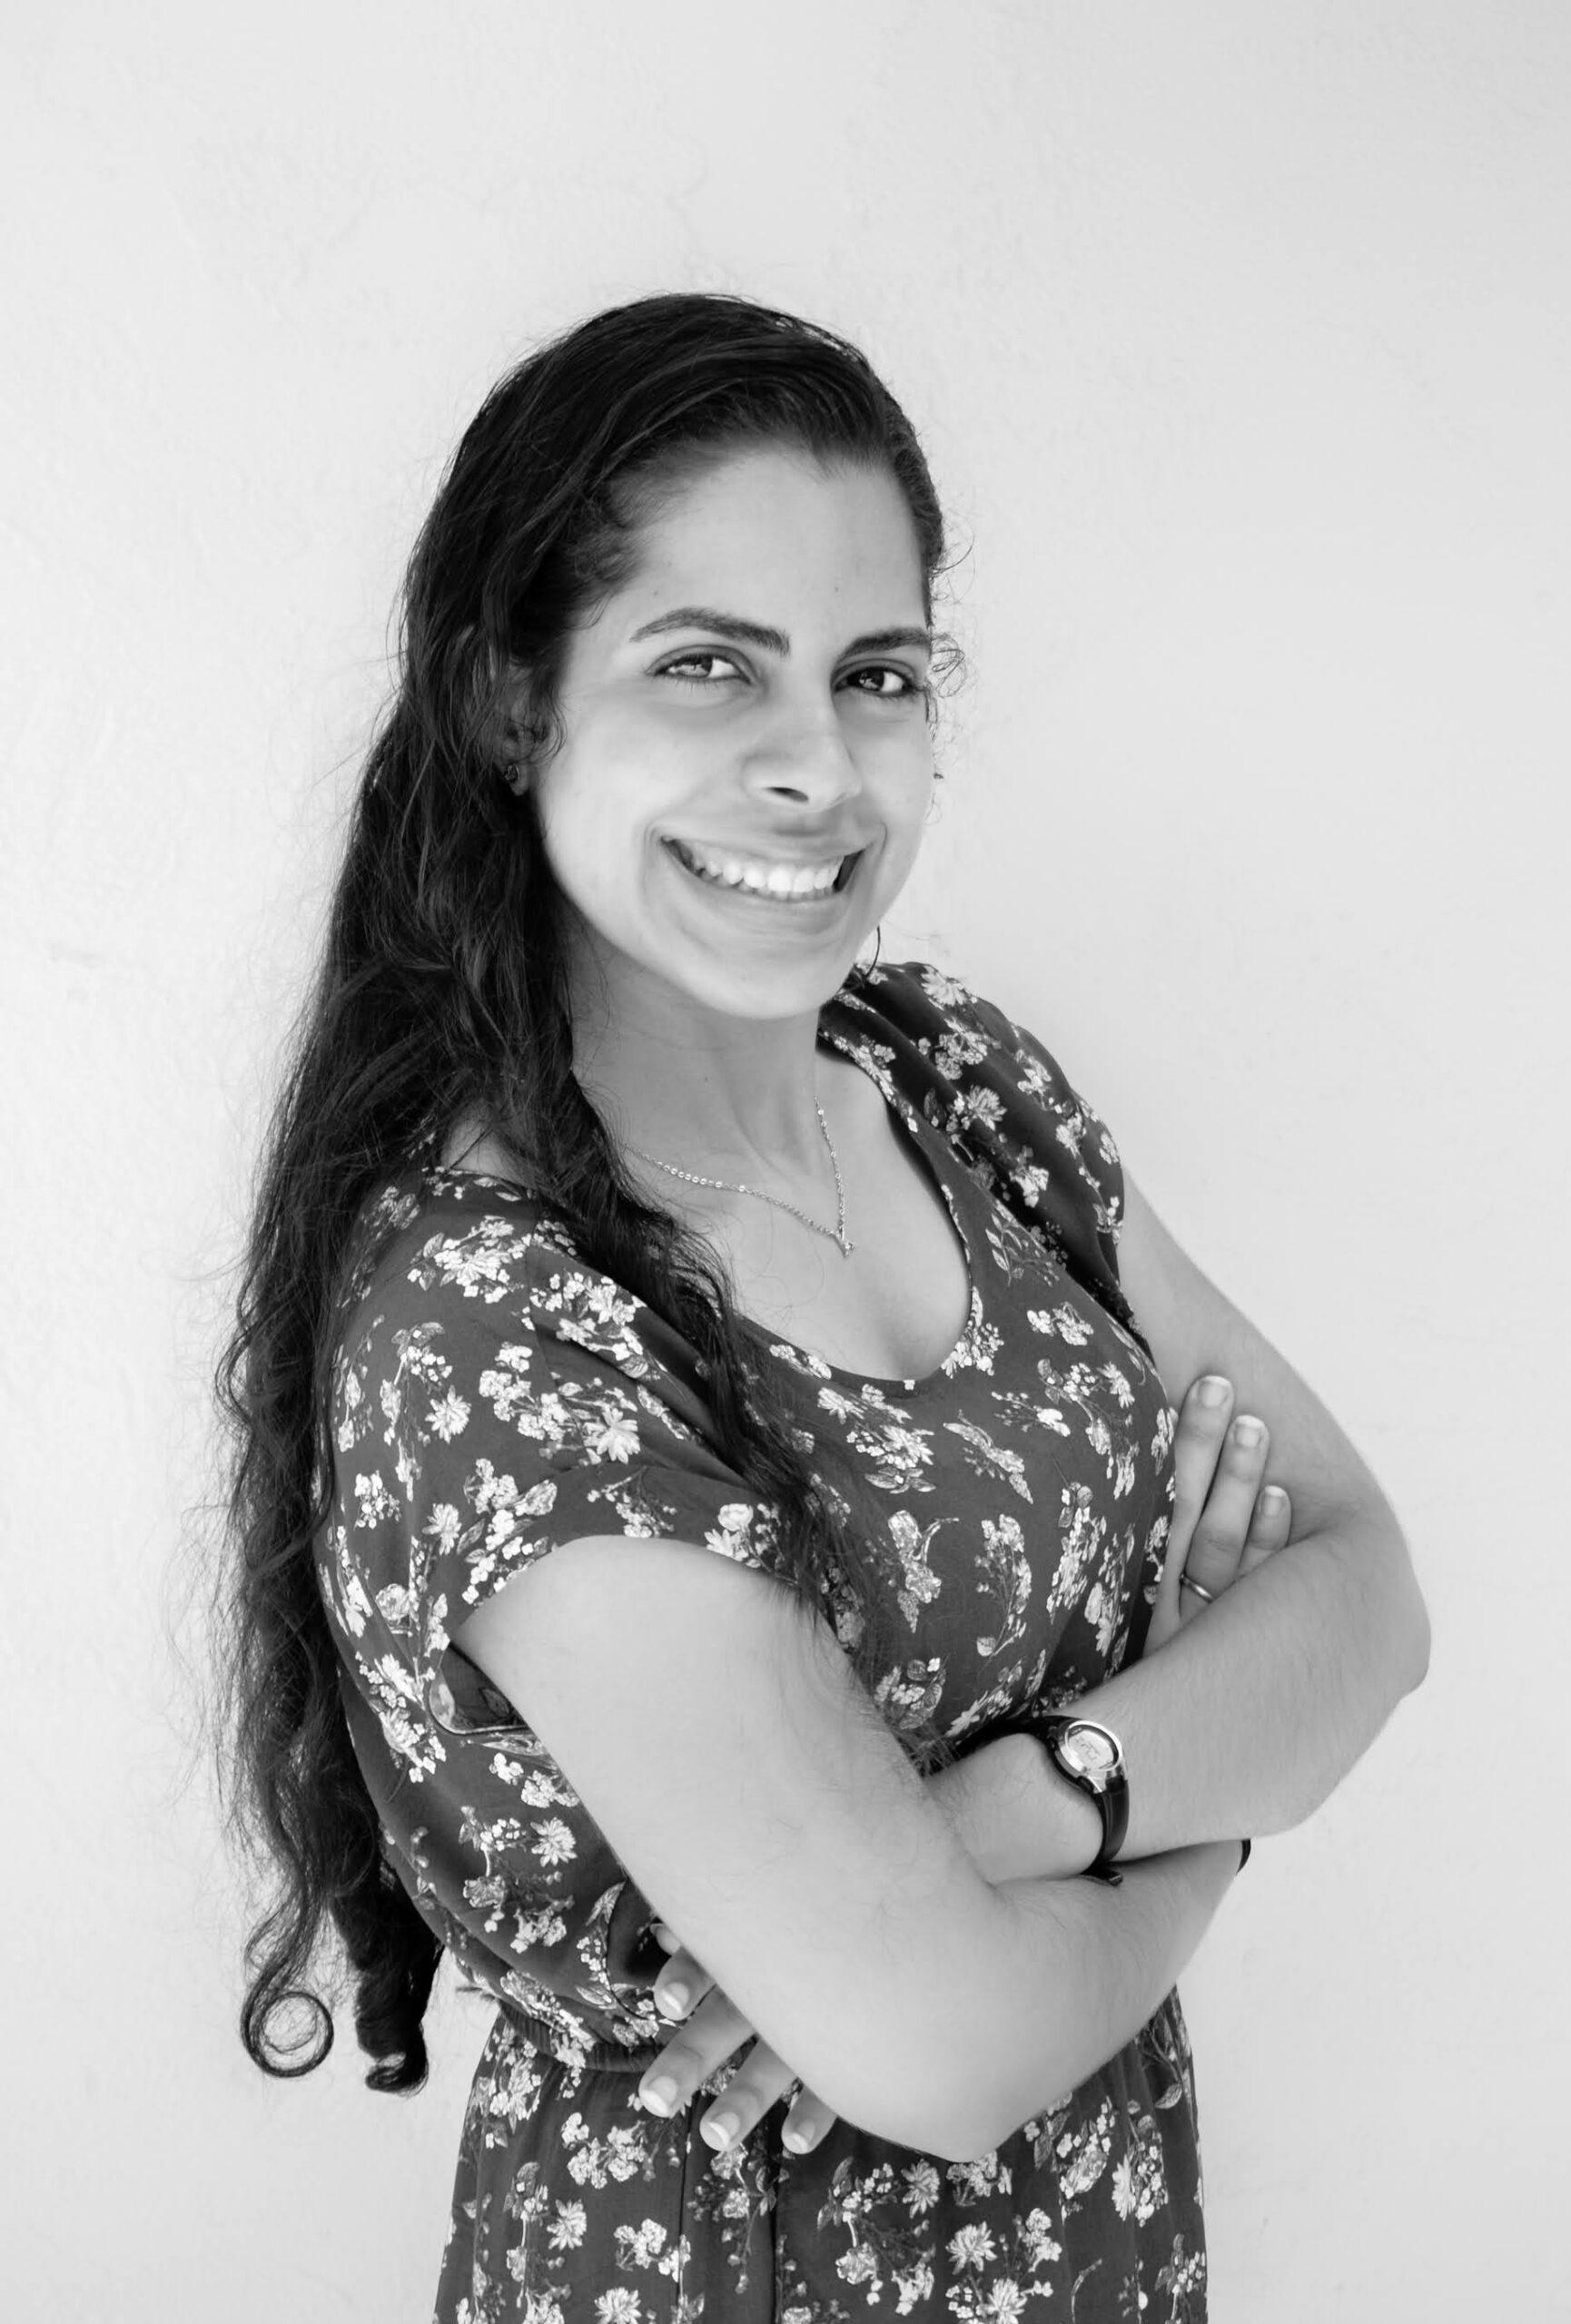 Kelly Kritikos, Resource Specialist